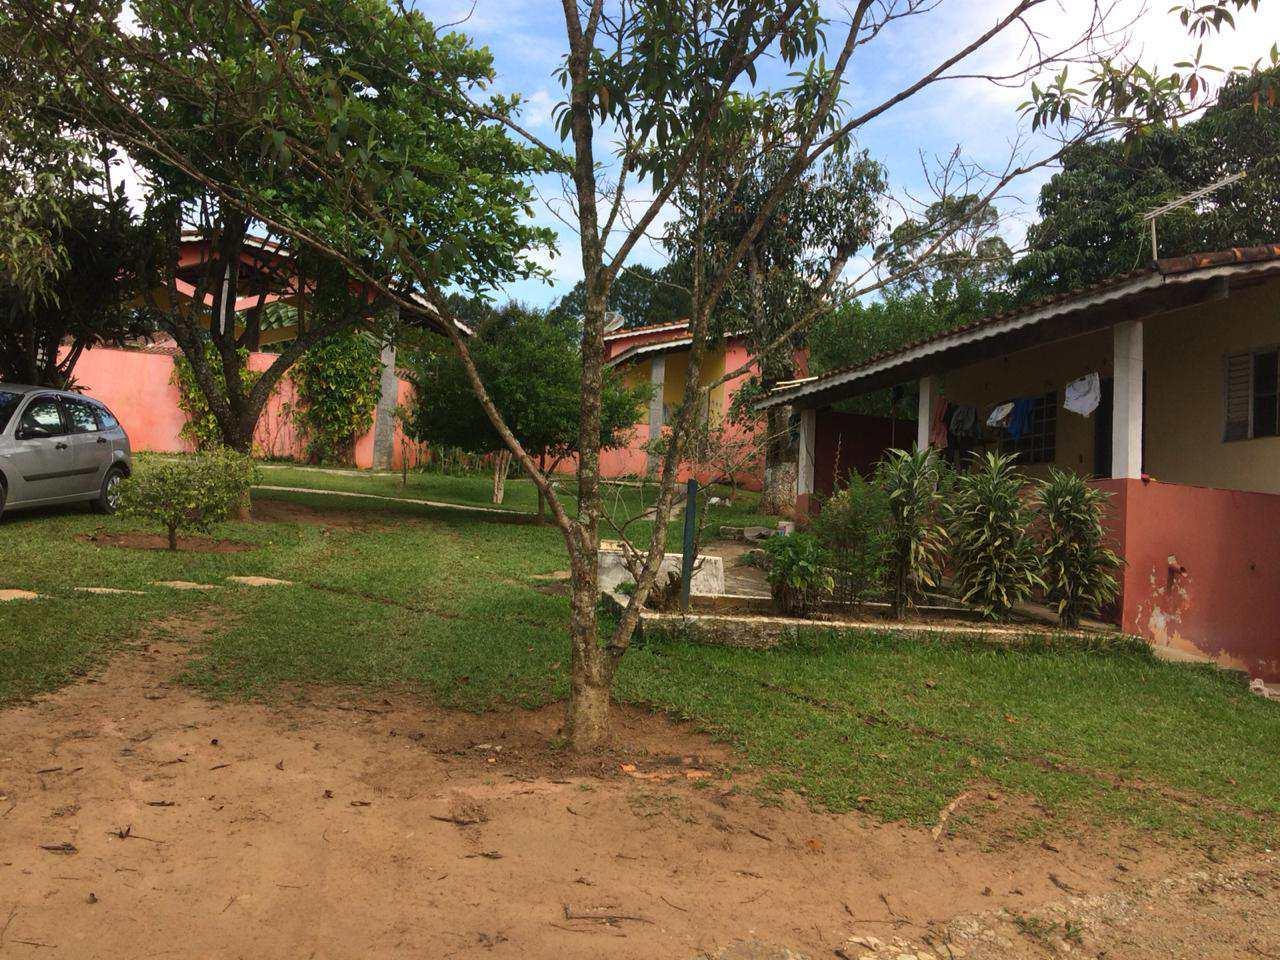 Chácara, completa vende ou troca por outra em Guararema.